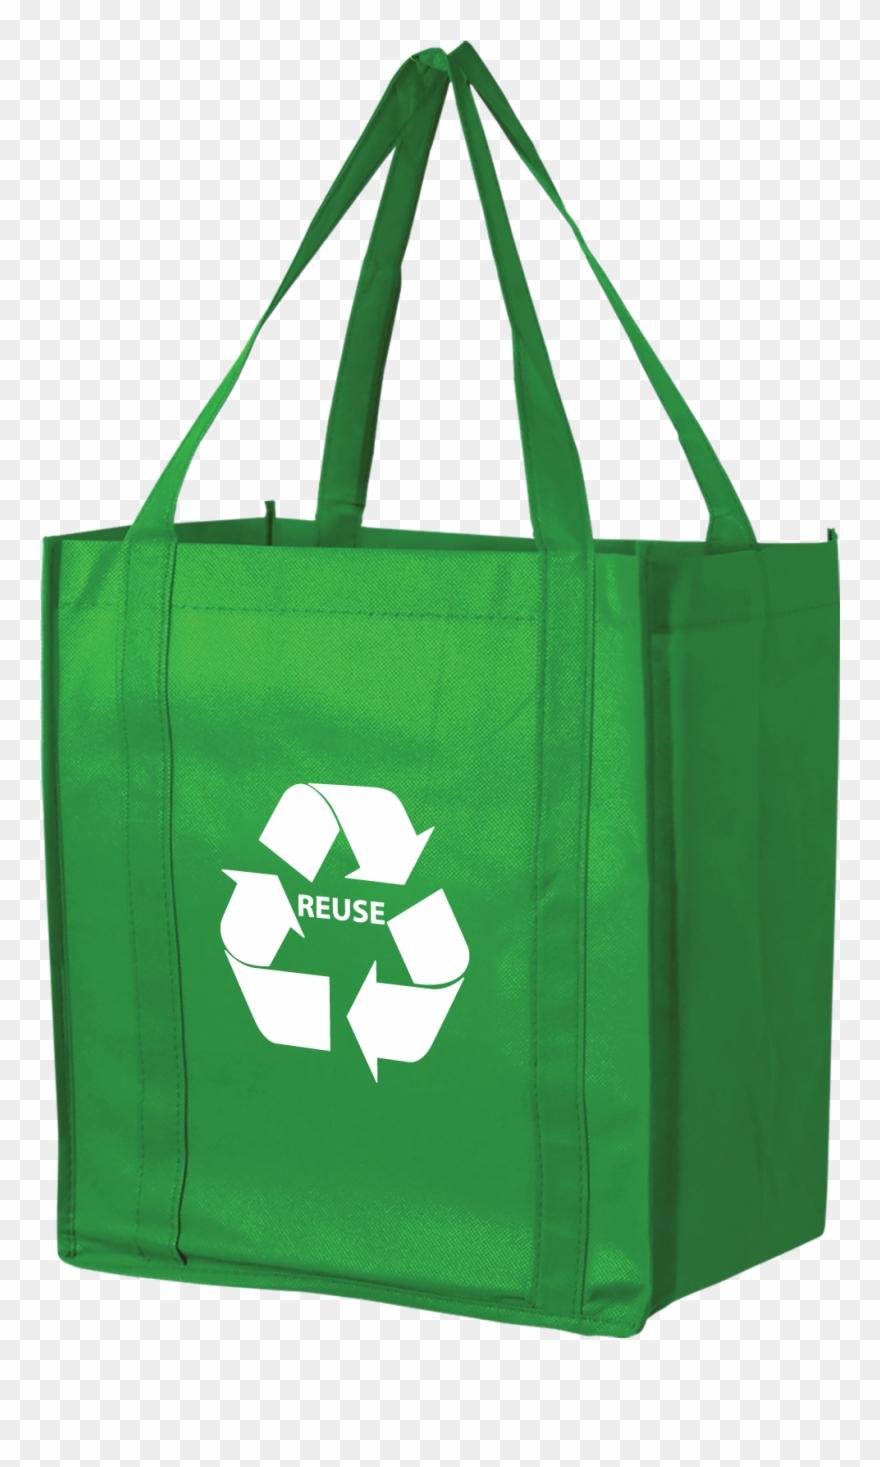 Grocery bags non woven. Bag clipart reusable bag